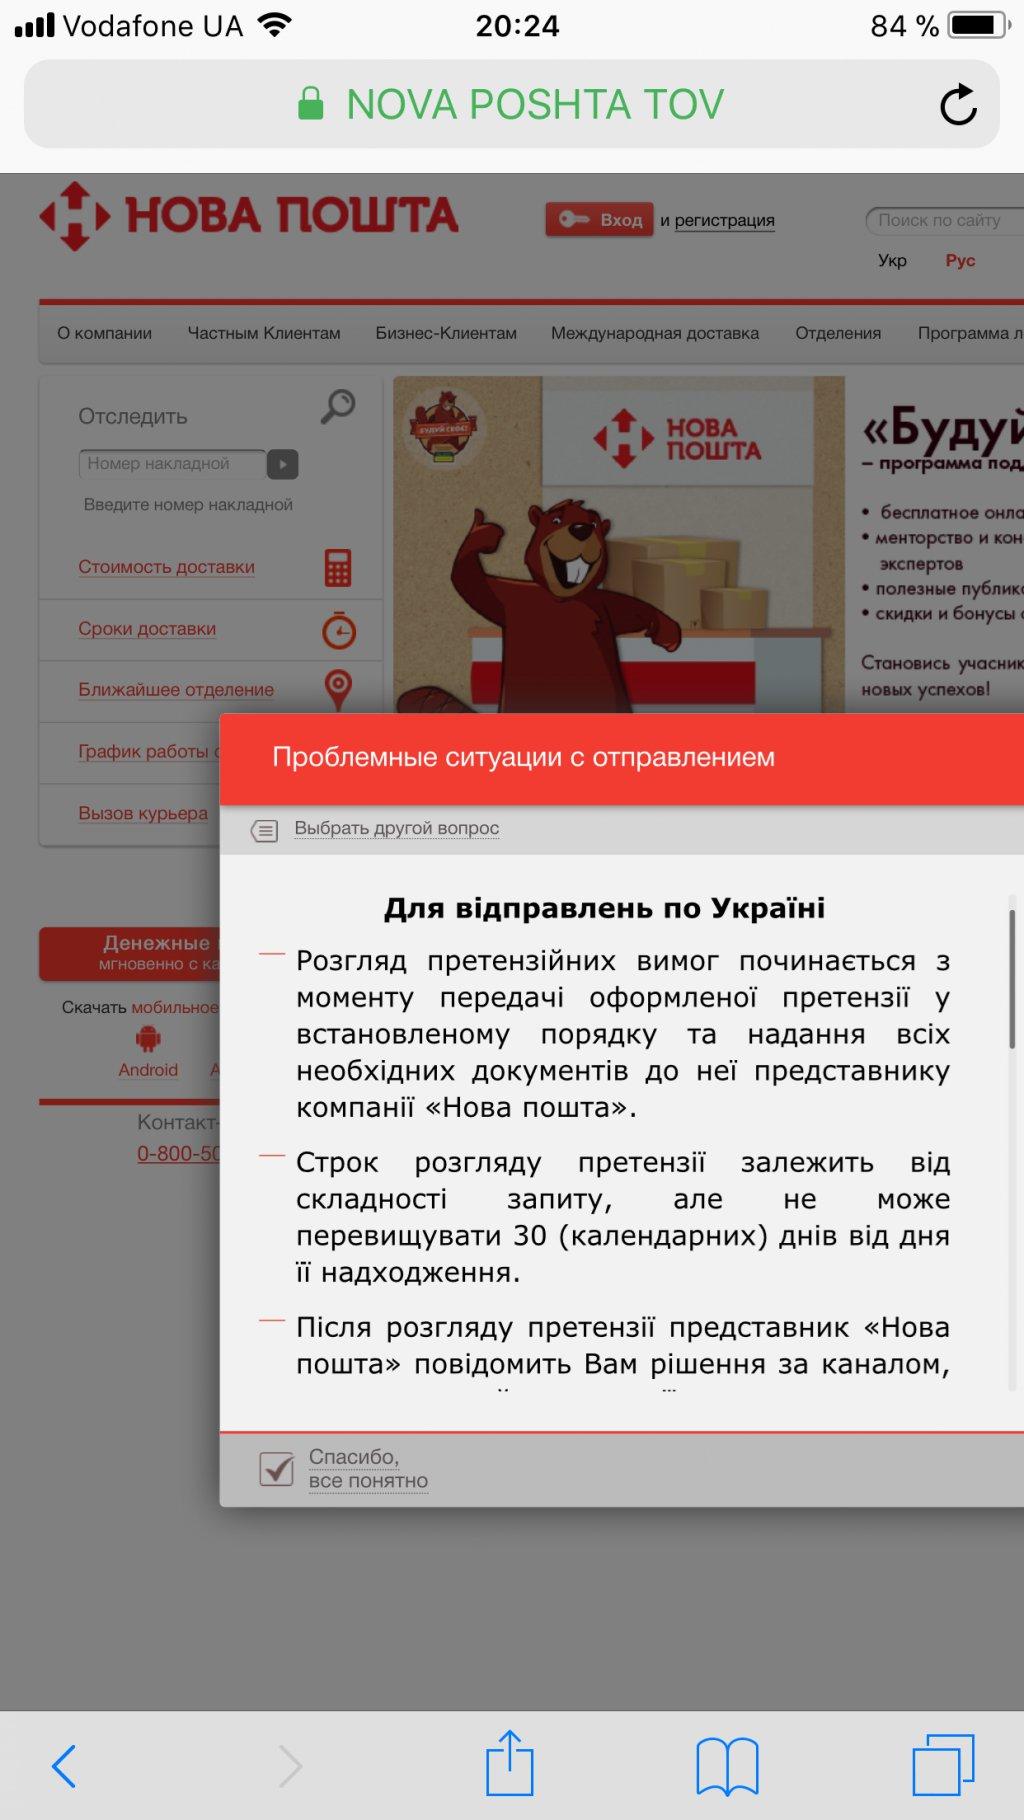 НОВАЯ ПОЧТА (Нова Пошта) - Новая почта не выплачивает законную страхрвку!!!